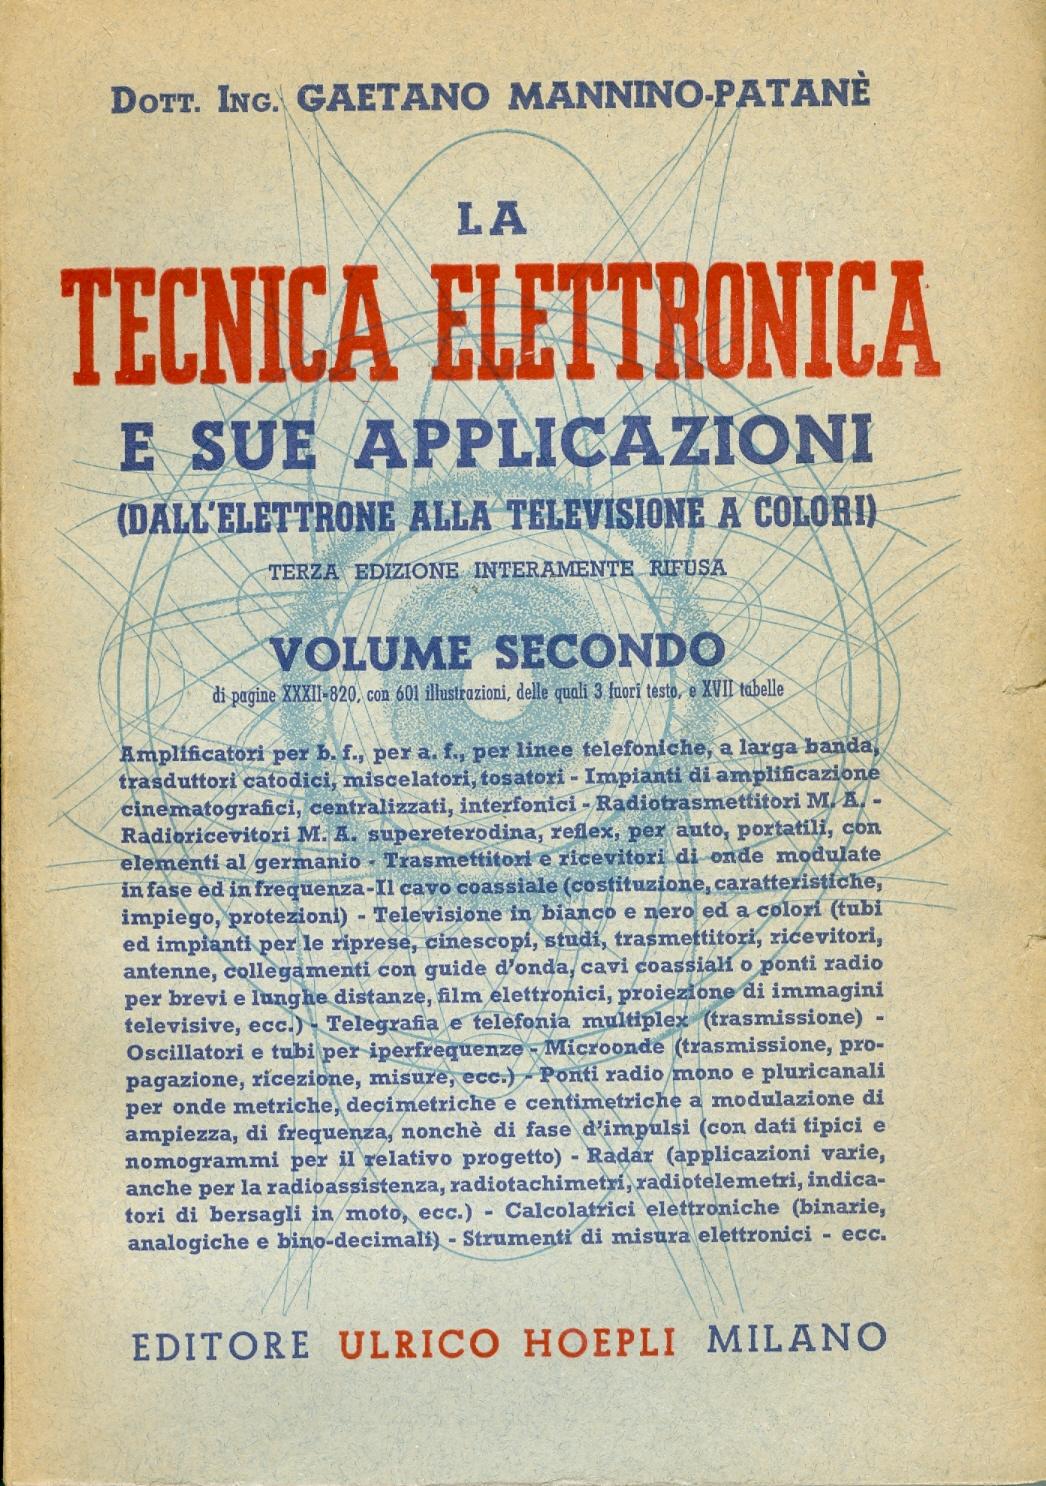 La tecnica elettronica e le sue applicazioni